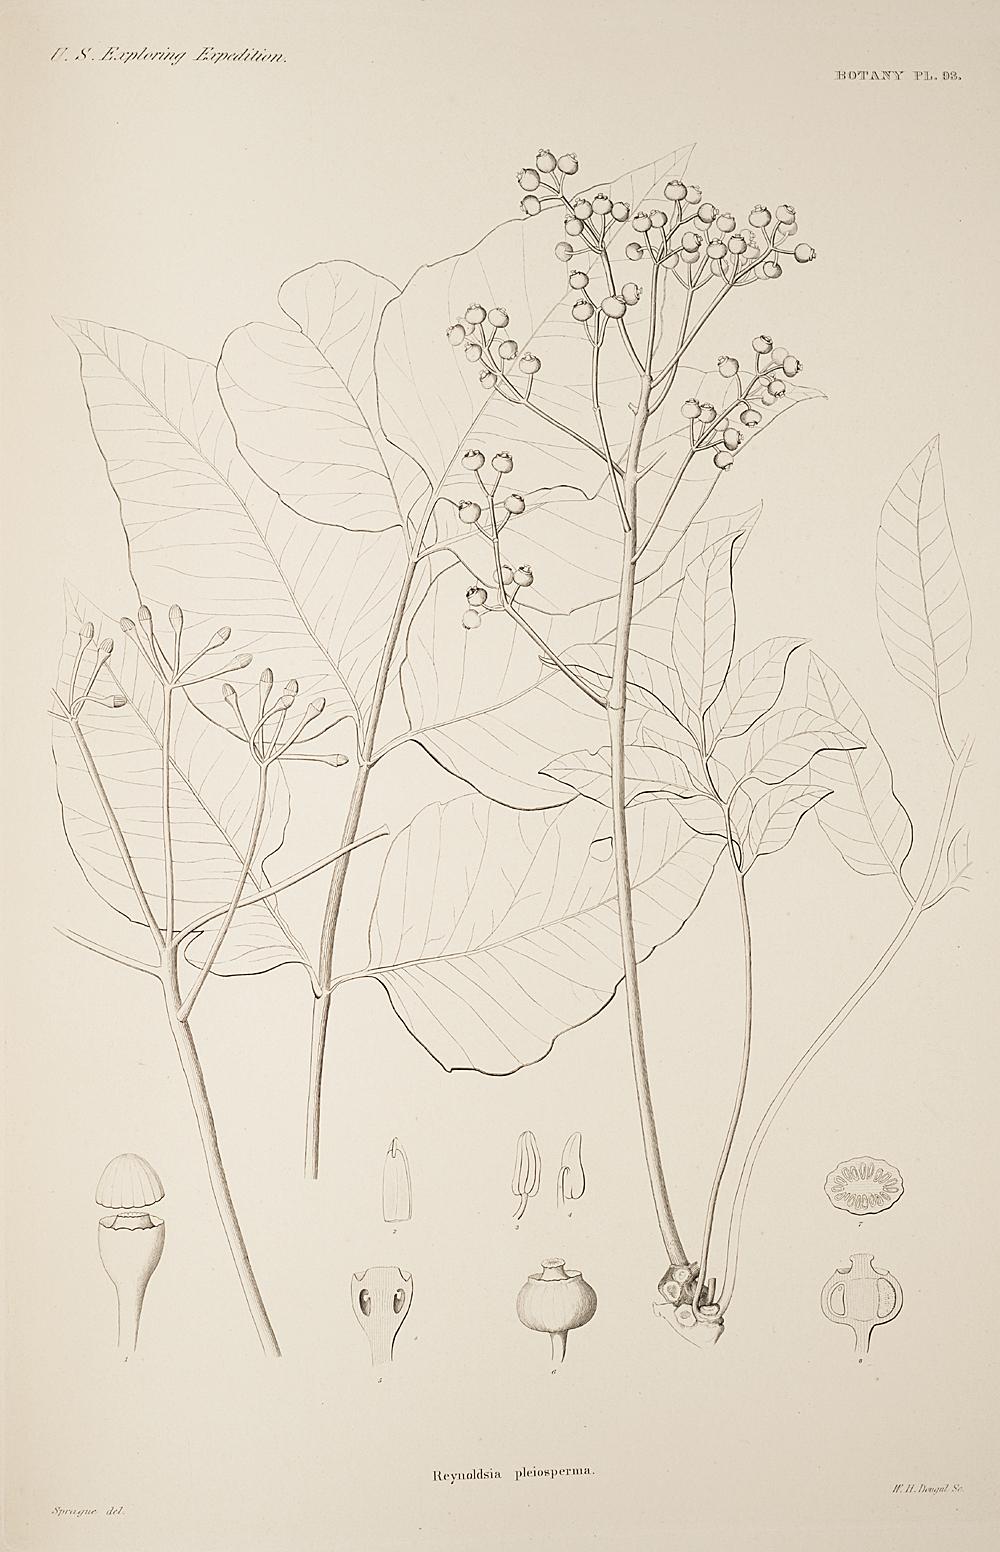 Botany, Pl. 93,  Image number:sil19-23-197b